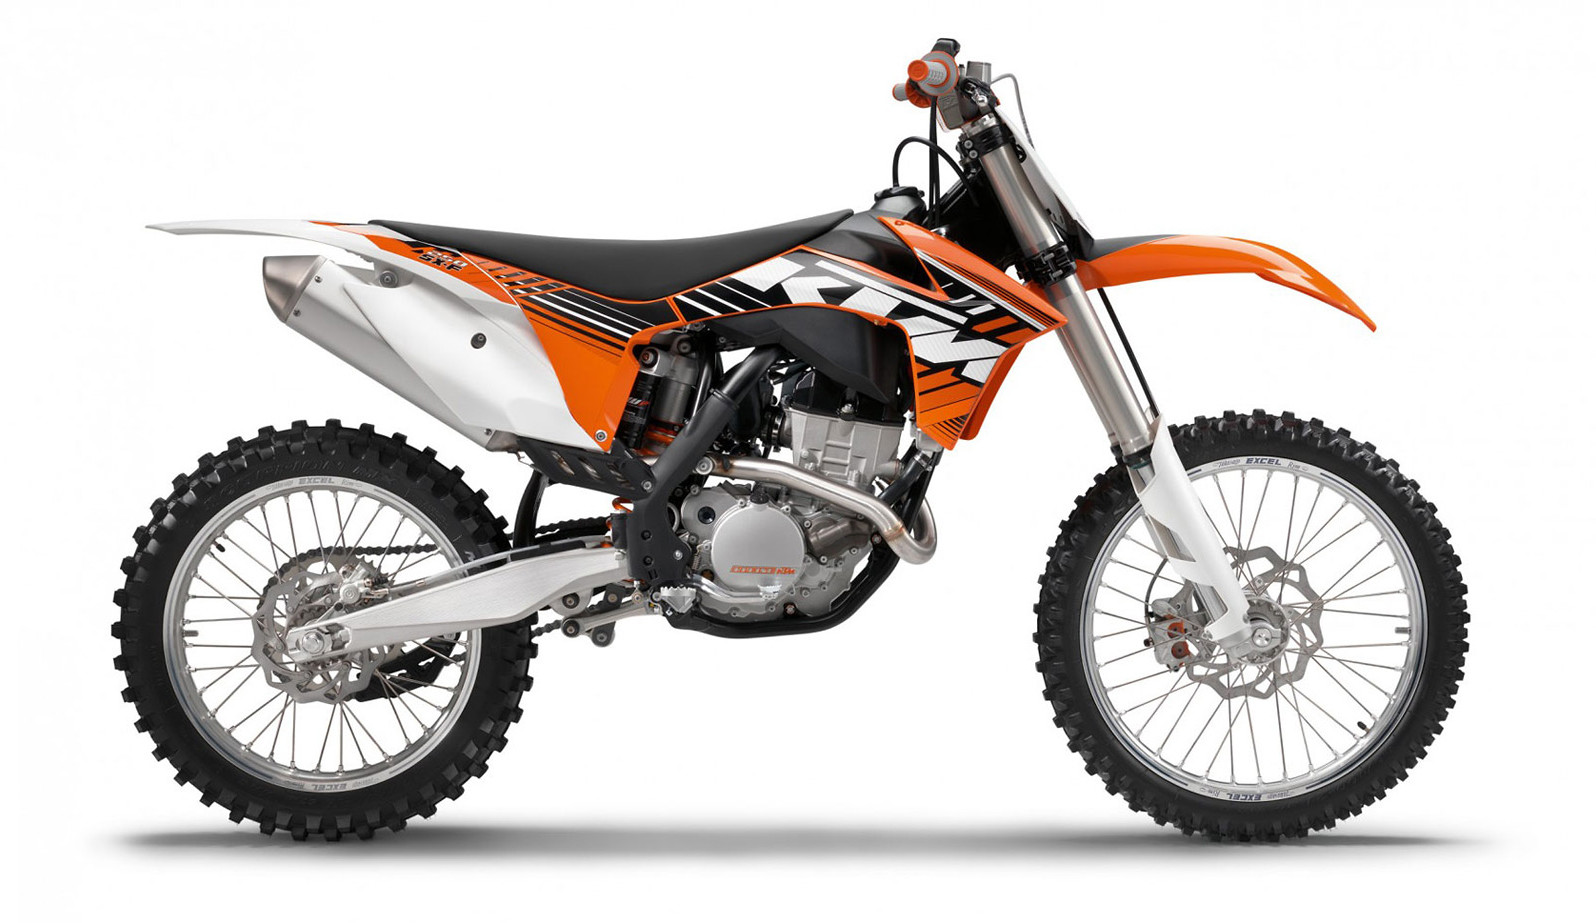 2012 ktm 250 sx f reviews comparisons specs motocross dirt bike bikes vital mx - Moto cross ktm a colorier ...